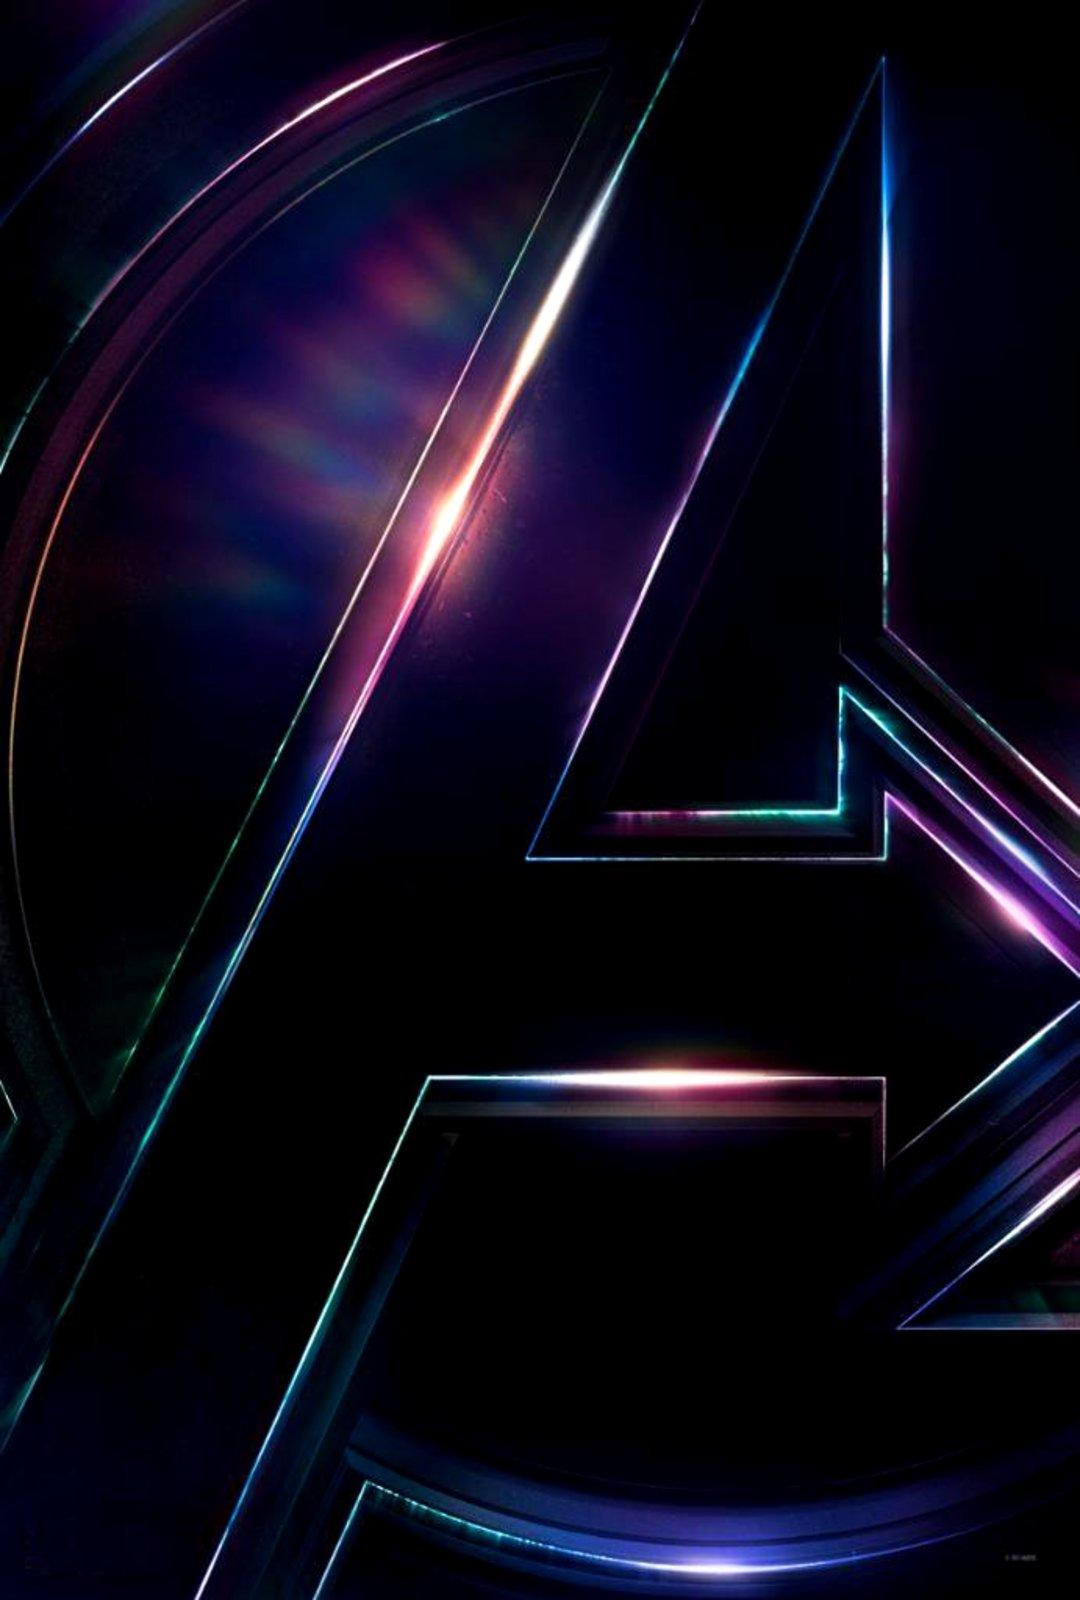 Avengers: Infinity War - Bild 1 von 3